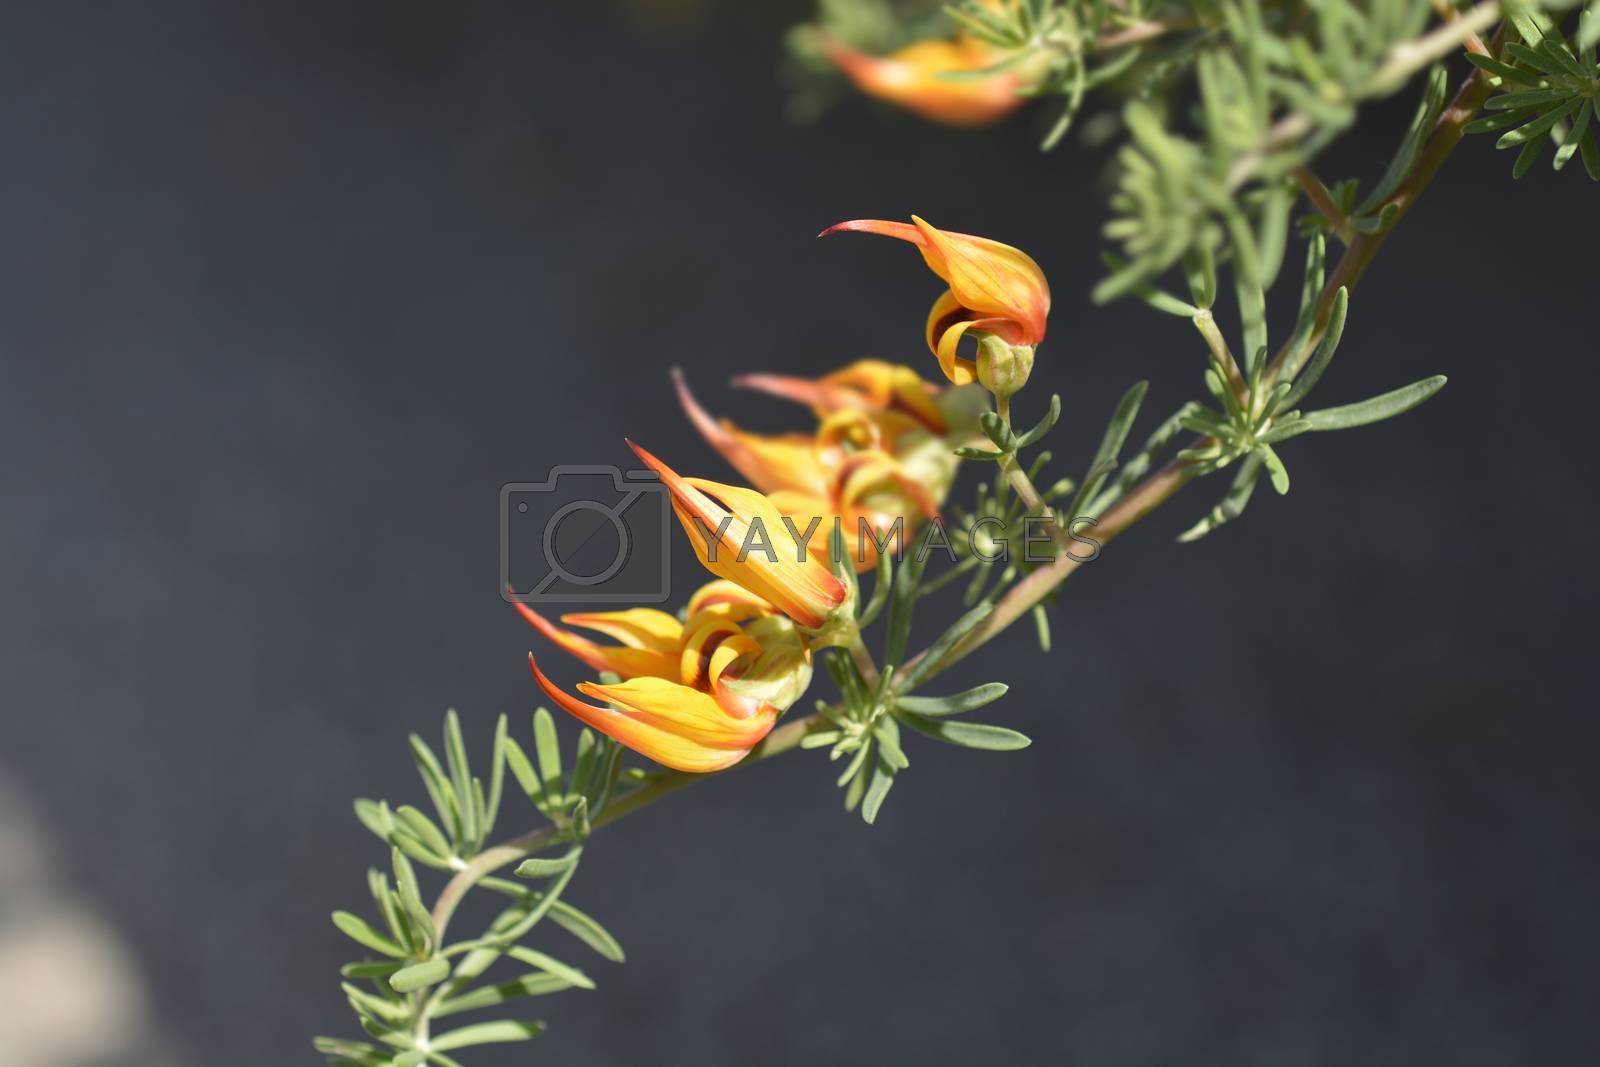 Lotus vine - Latin name - Lotus maculatus